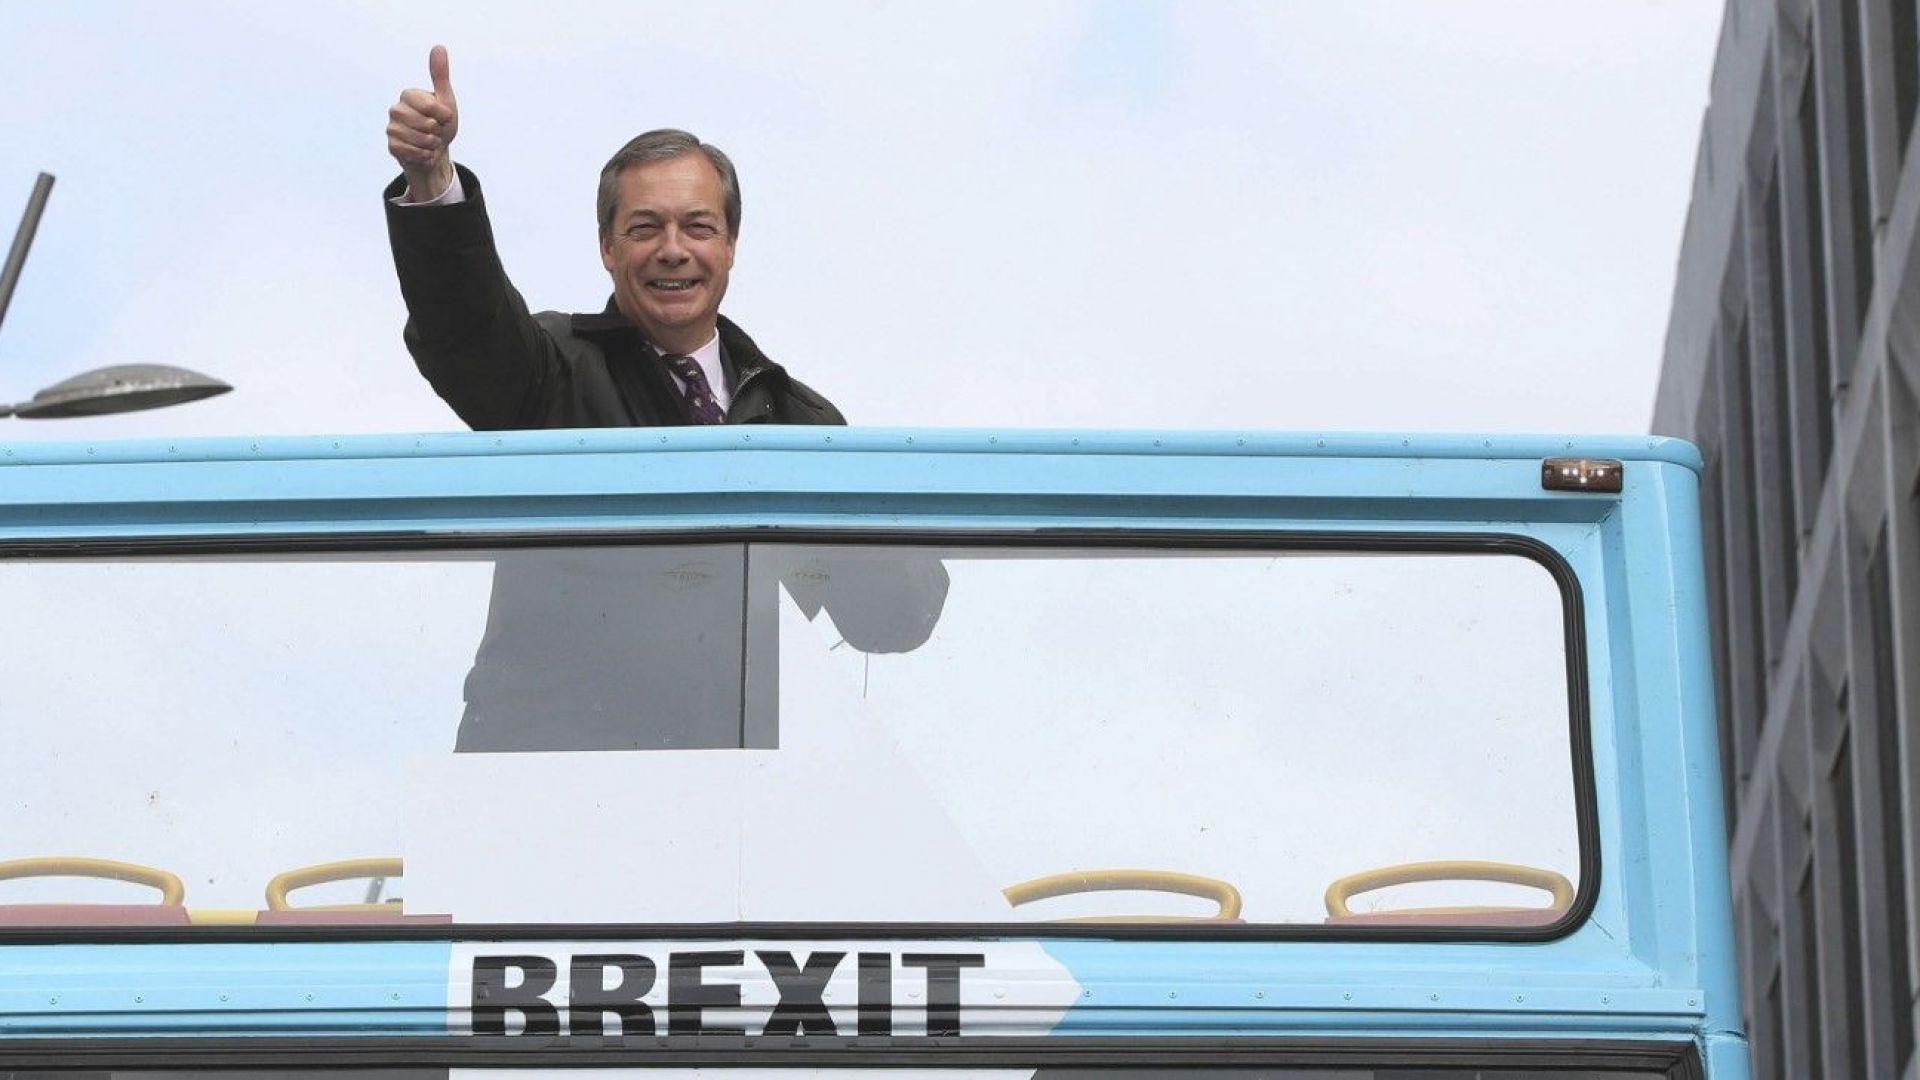 Партията на Брекзита не е първа в британския парламент